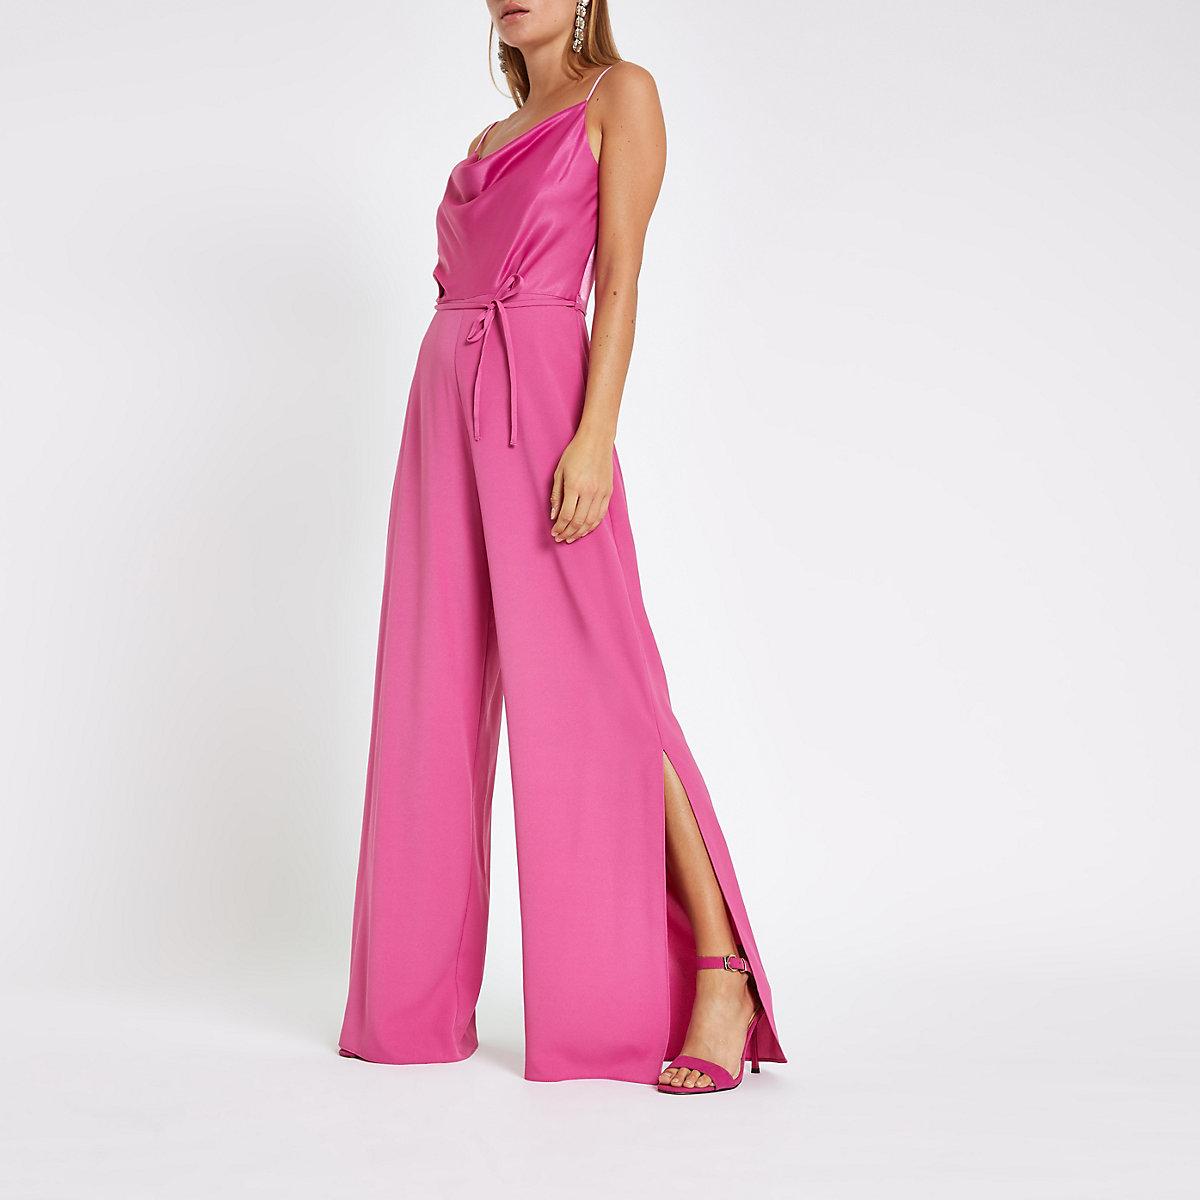 21b877560940 Dark pink cowl neck cami strap jumpsuit - Jumpsuits - Playsuits   Jumpsuits  - women